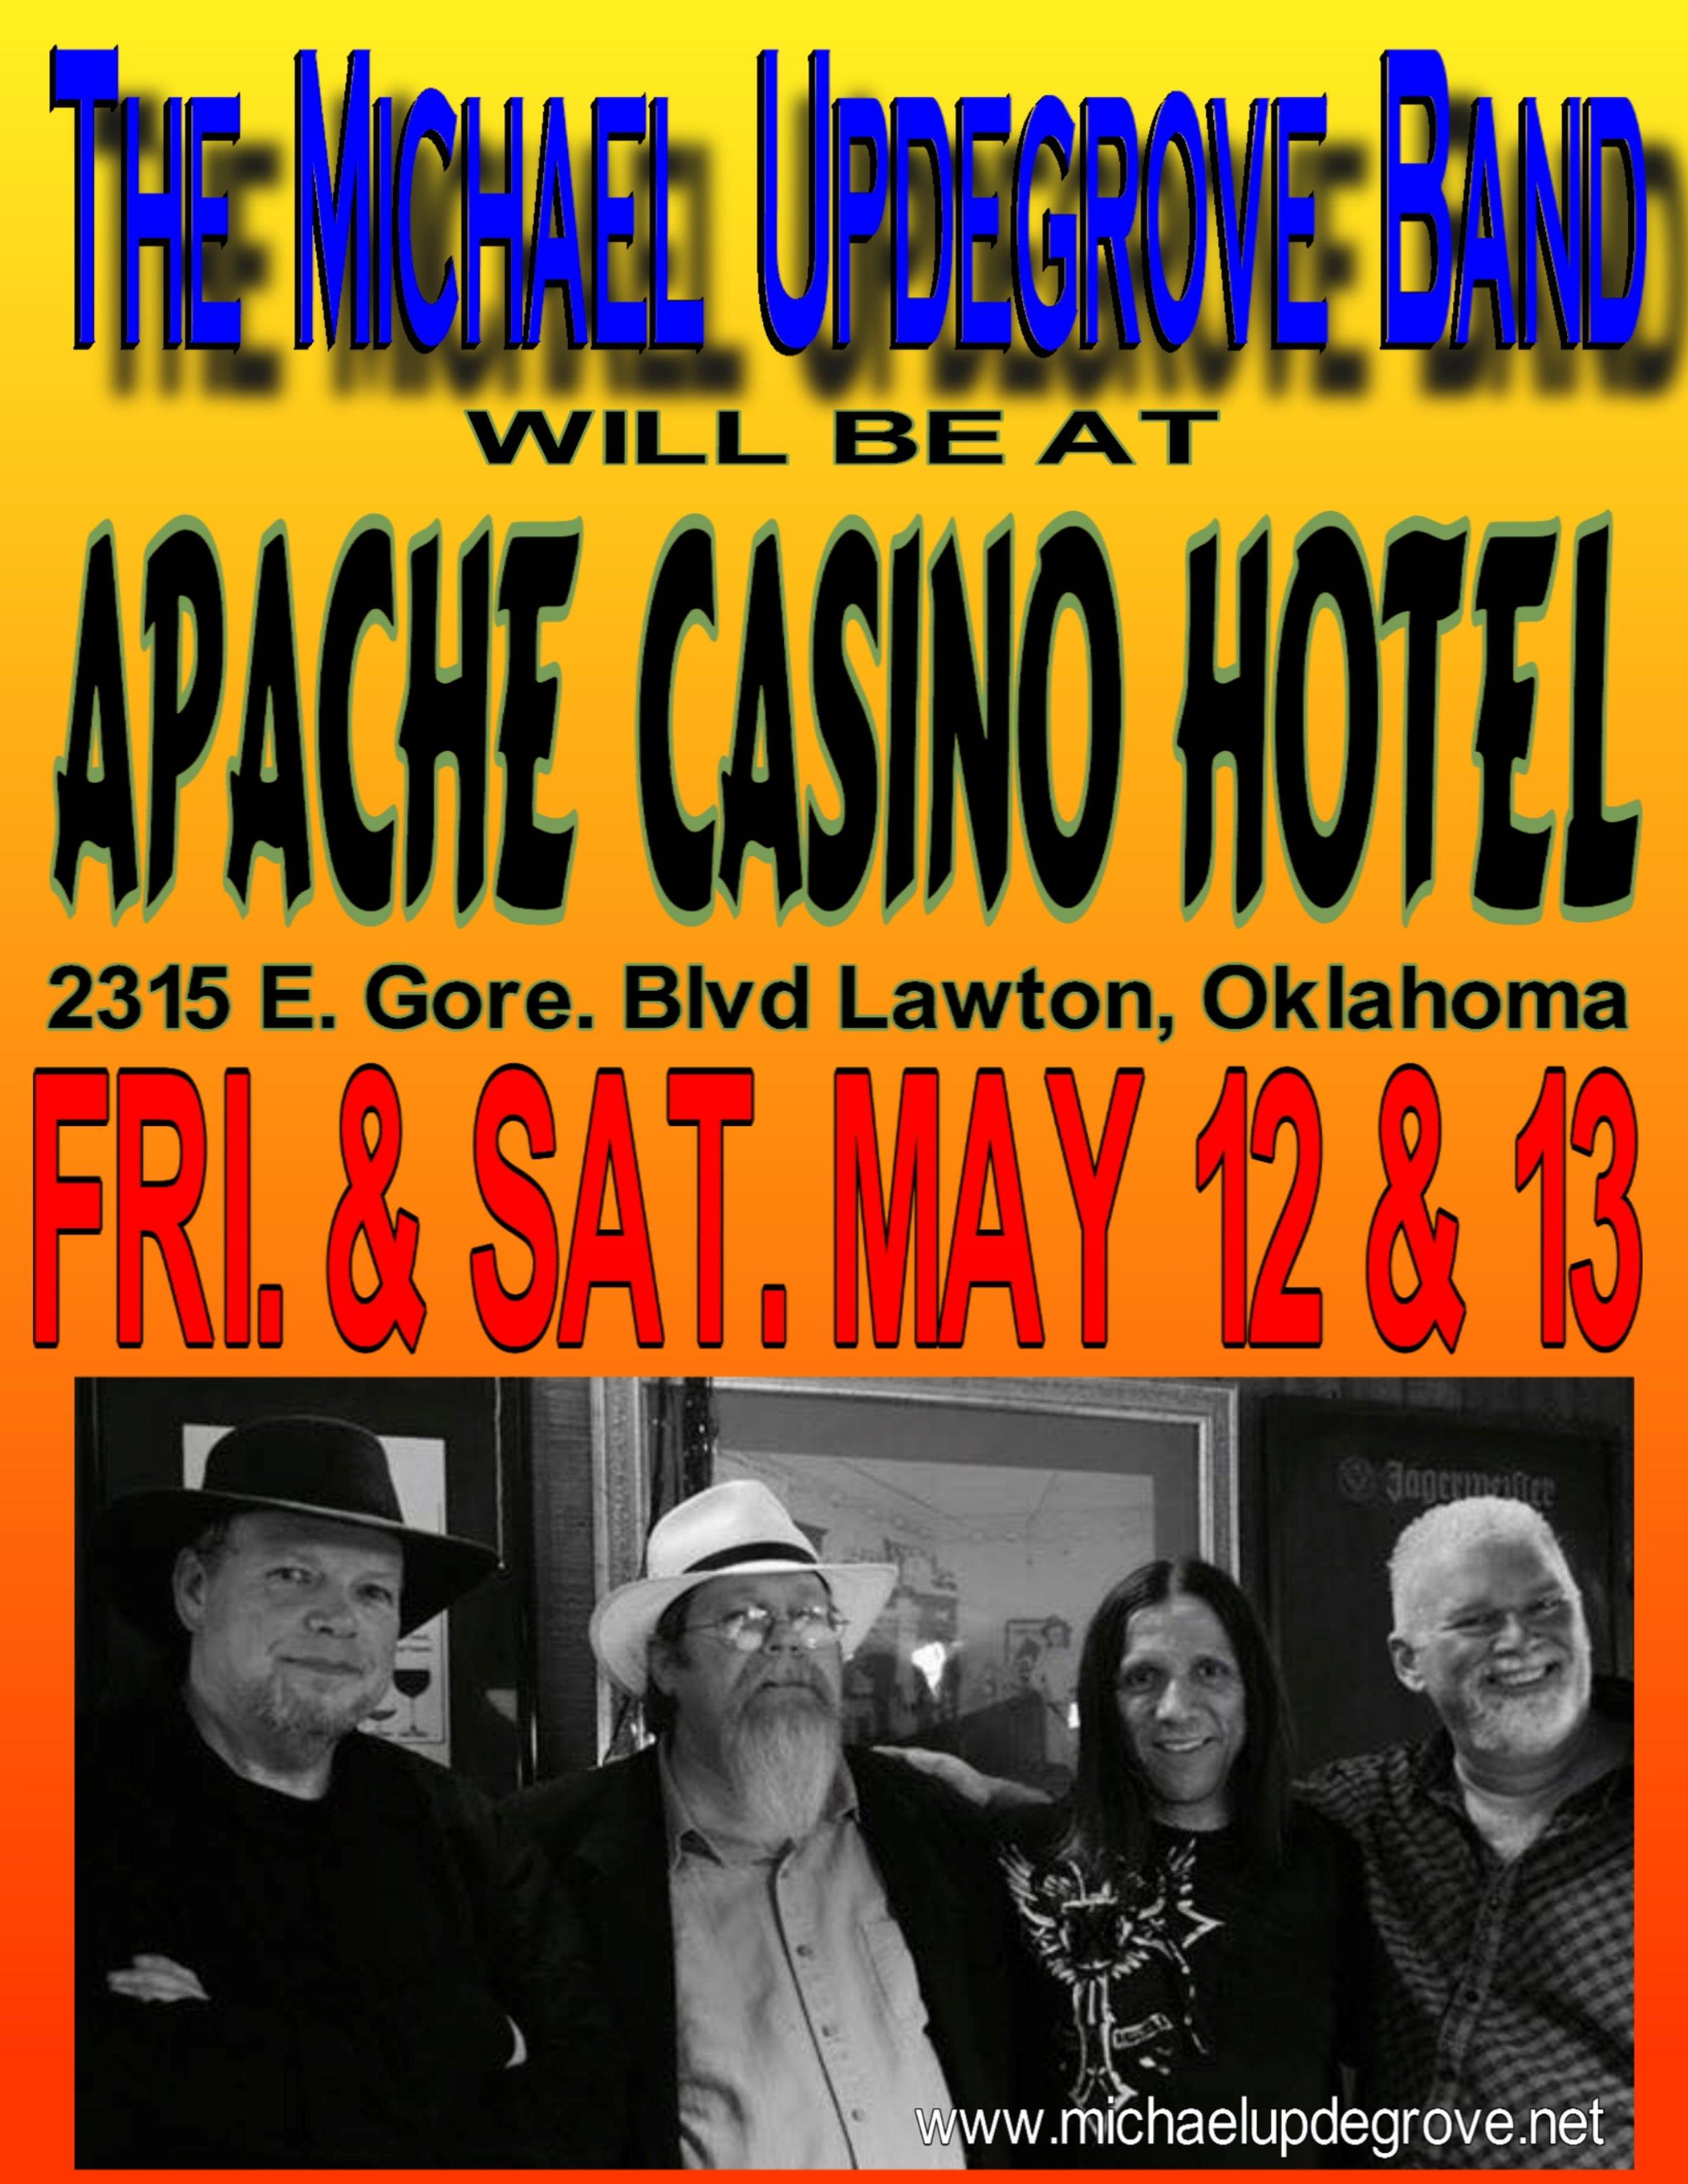 The Apache Casino MAY 2017.jpg